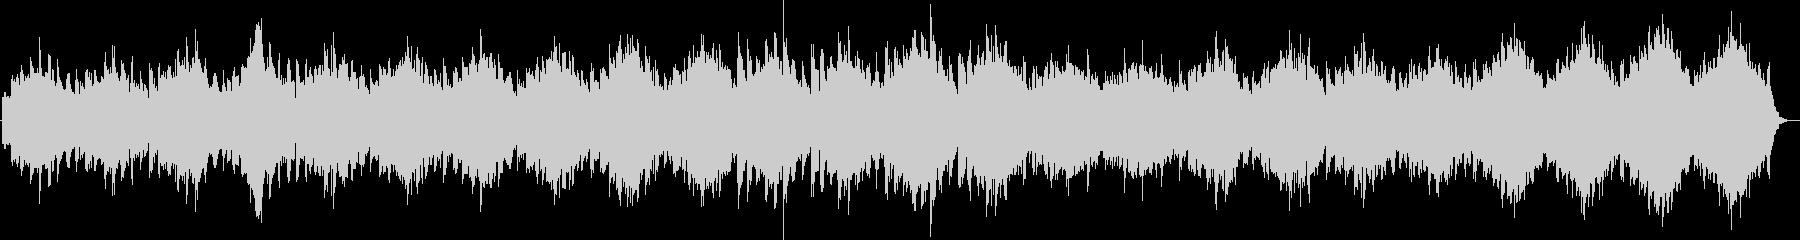 現代的 交響曲 モダン 室内楽 ほ...の未再生の波形